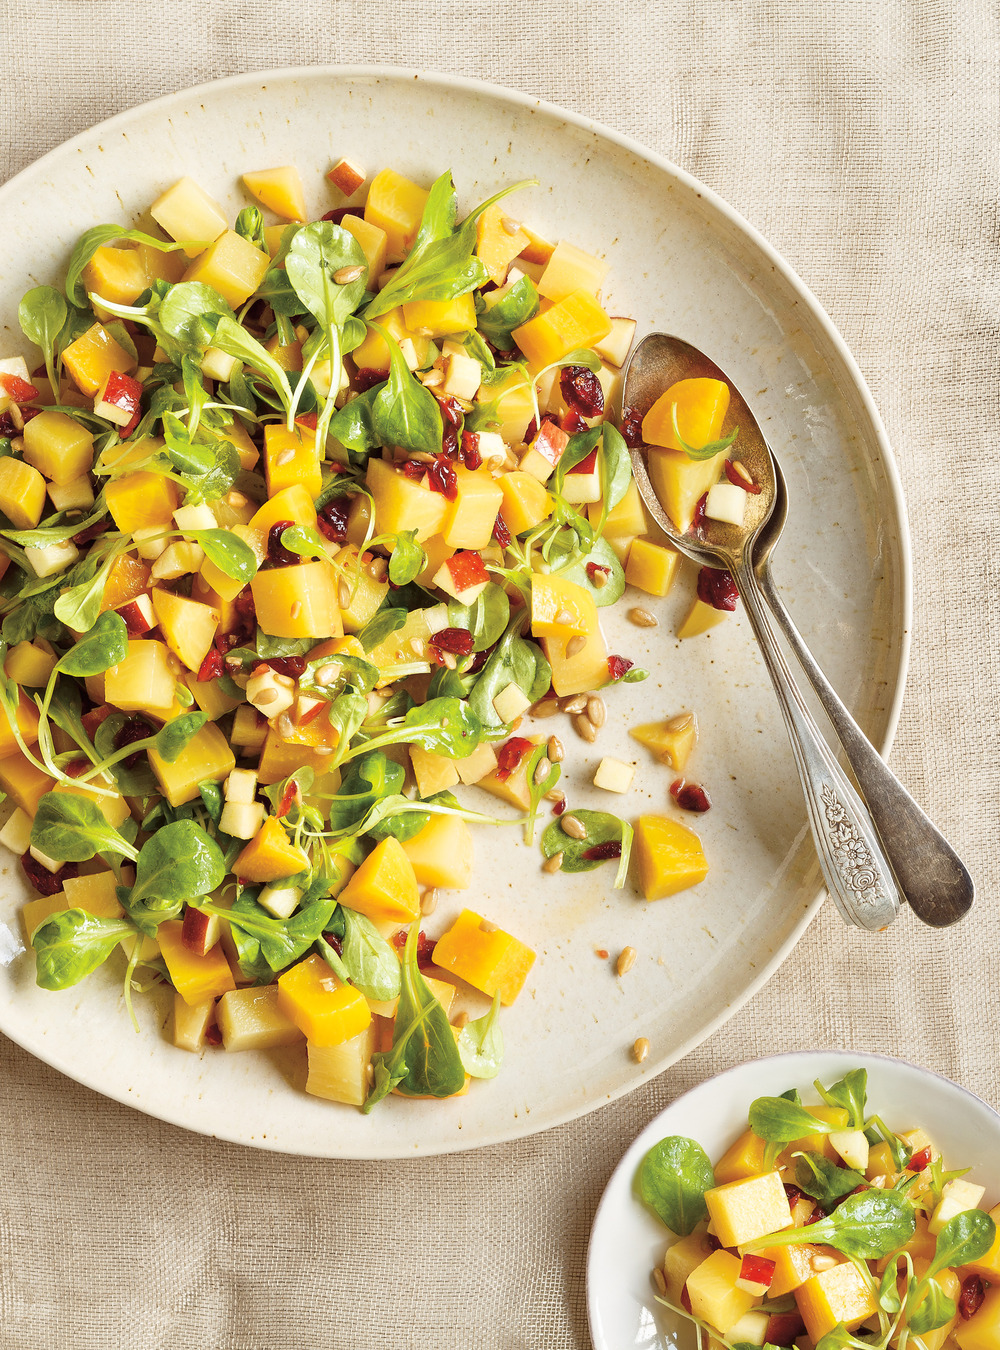 Salade de betteraves aux pommes et aux canneberges ricardo for Articles de cuisine ricardo